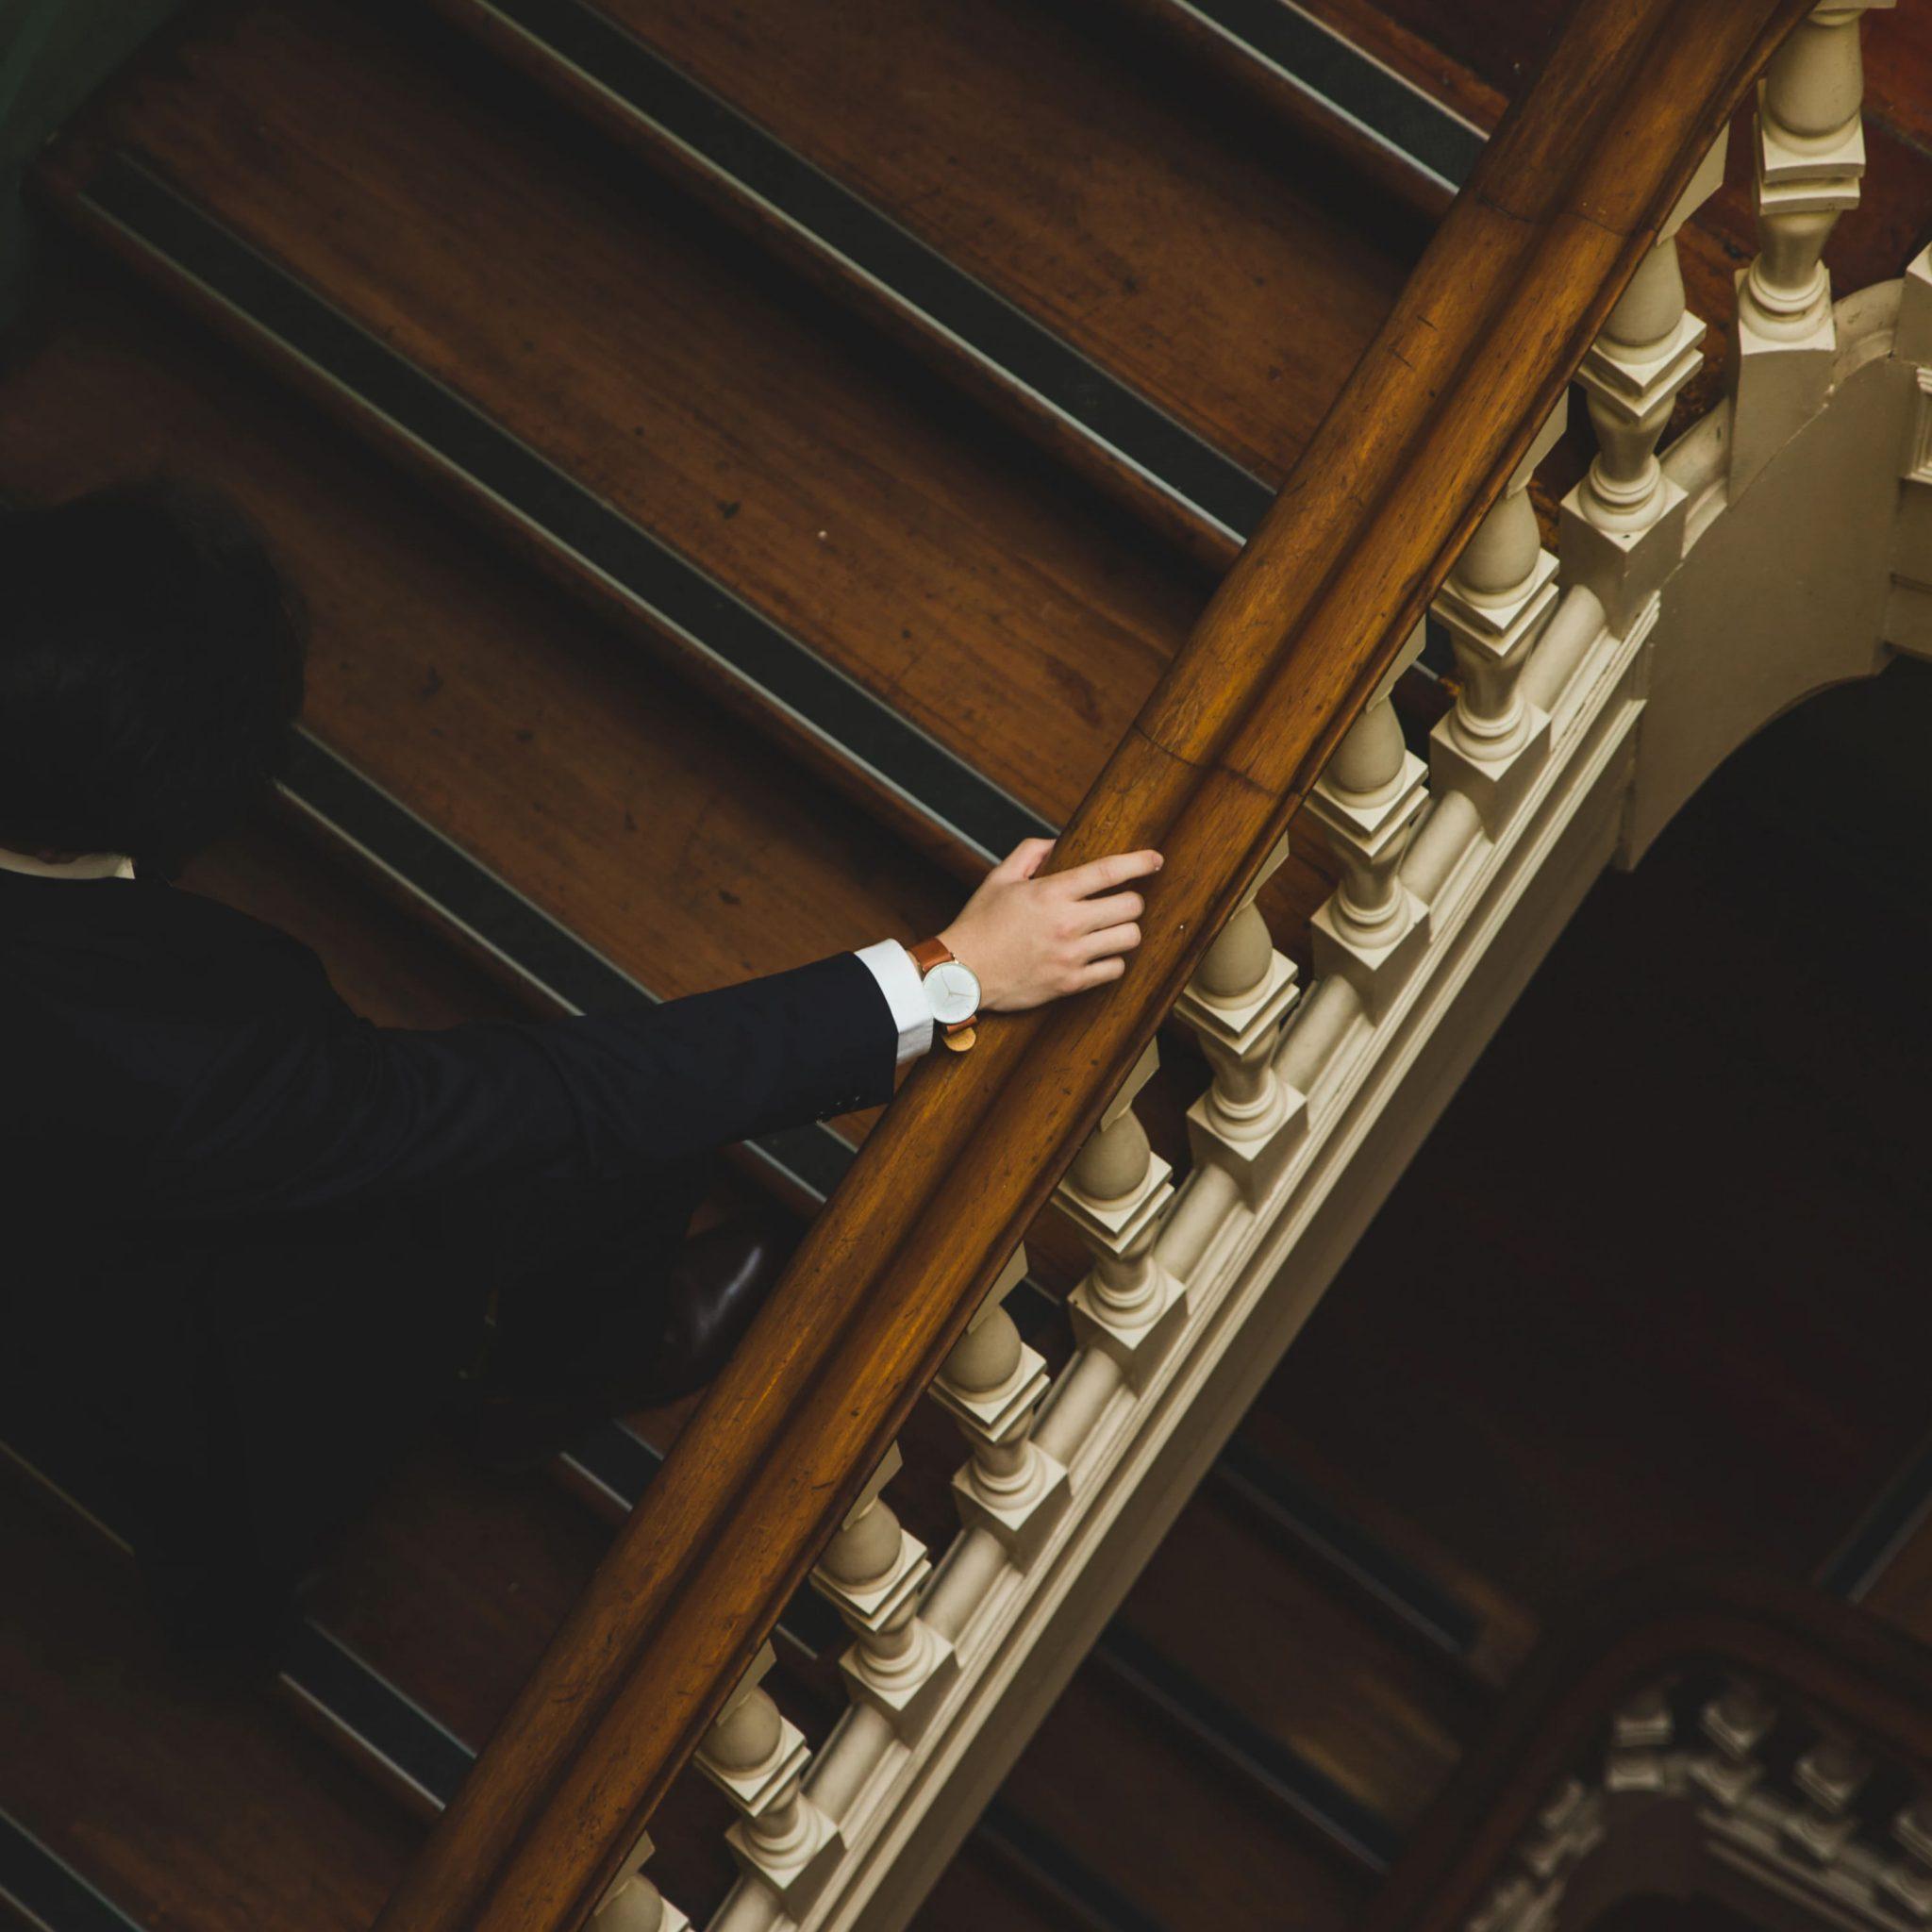 Un homme avec une belle montre monte des escaliers.